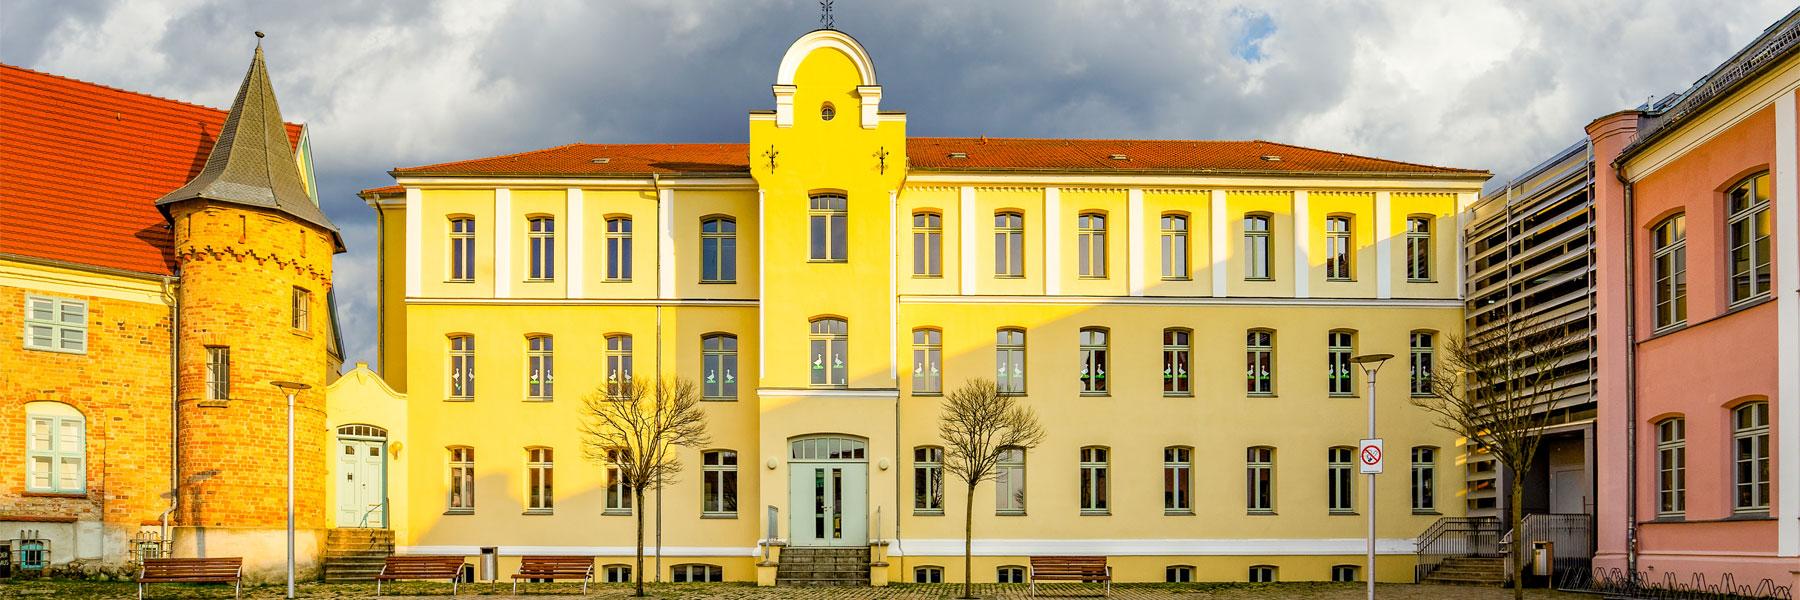 Altstadt - Stadt Bützow